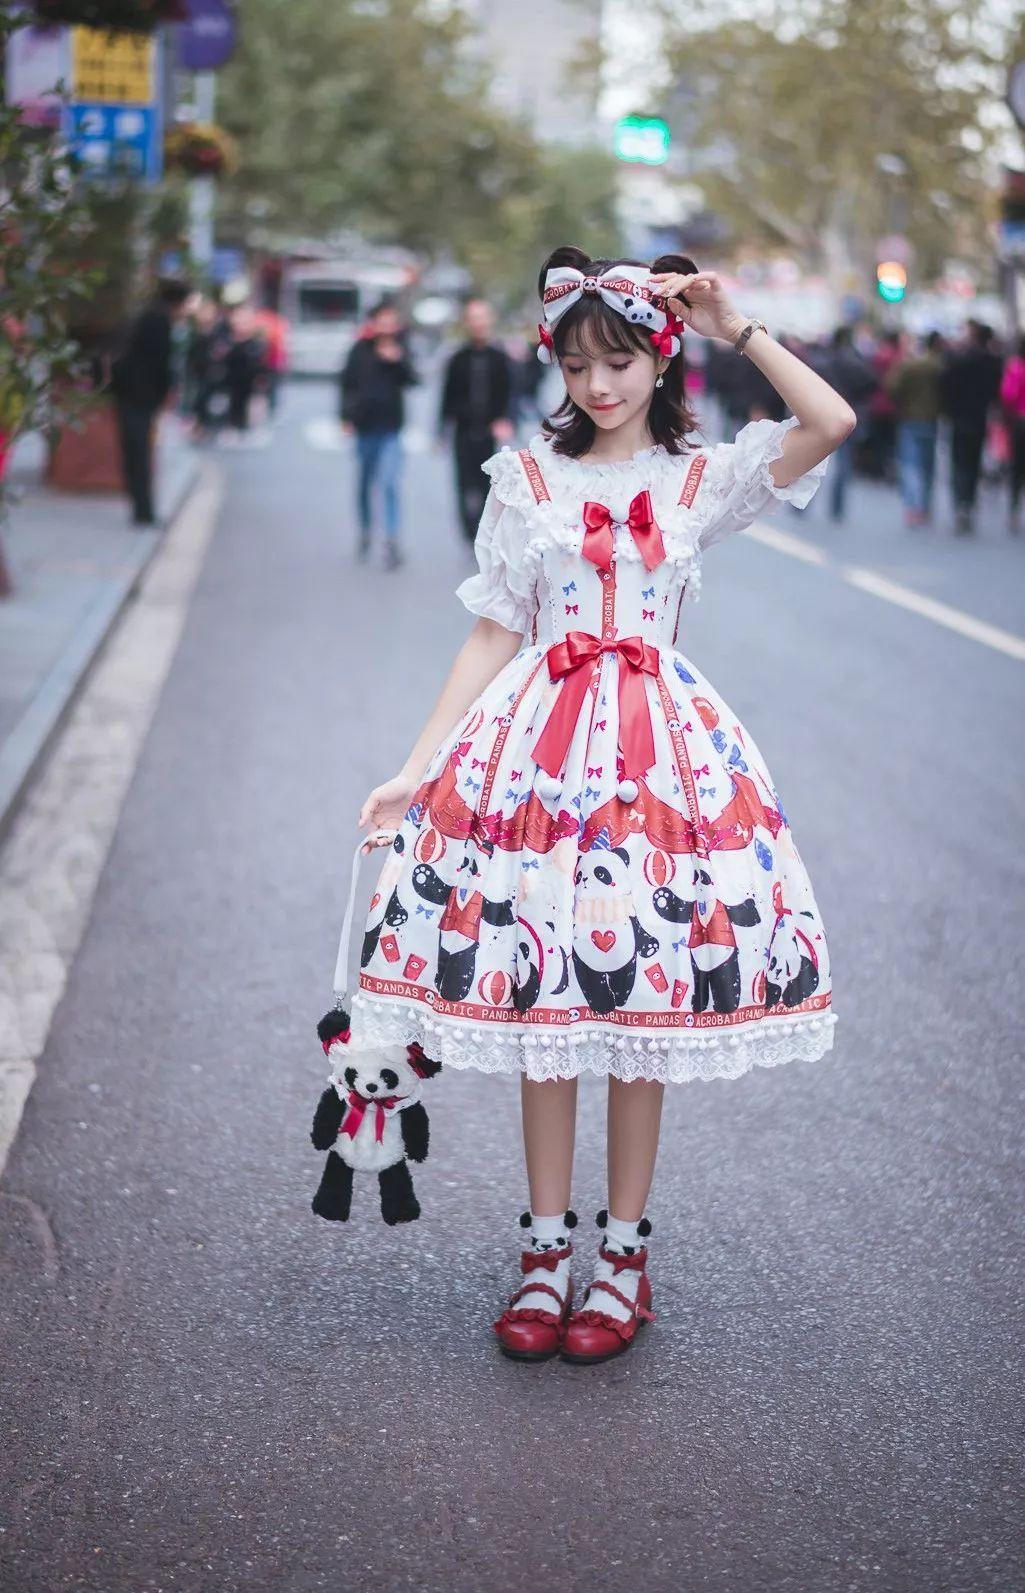 妹子摄影 – 鬼马精灵Lolita女孩@-谢安然-外出旅拍_图片 No.9